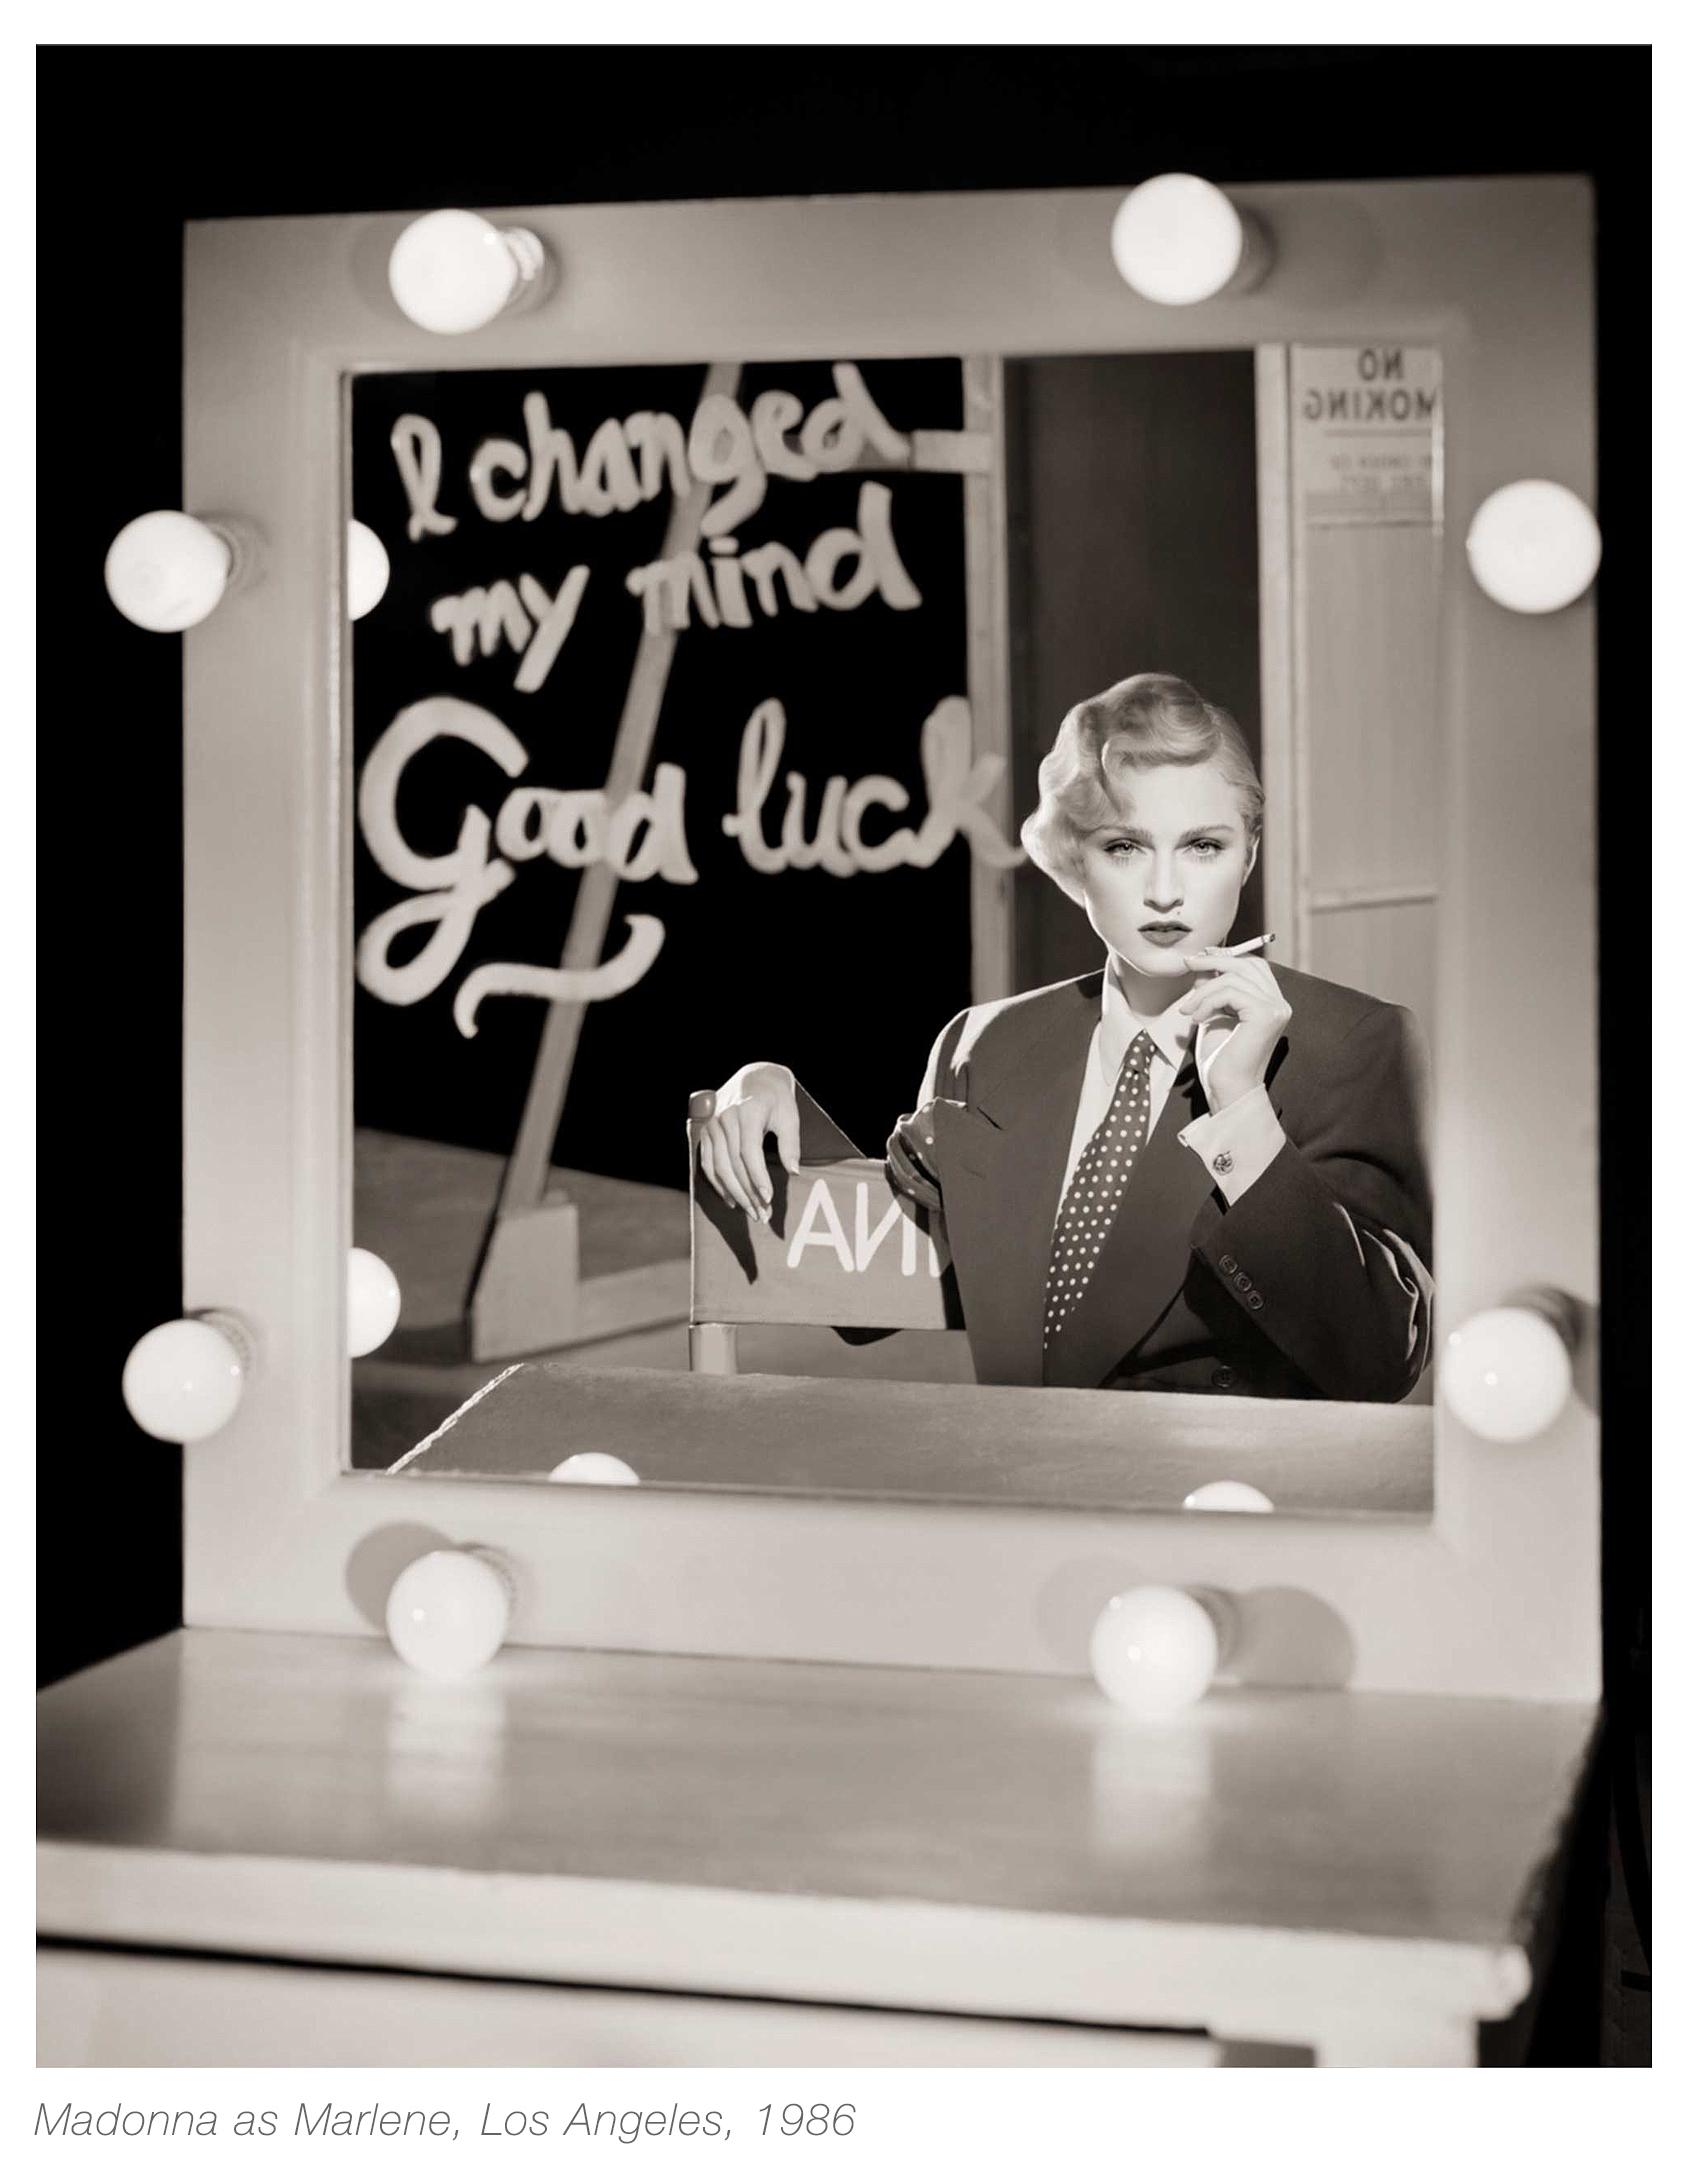 Эксклюзивные снимки Мадонны,Майкла Джексона и других представил голливудский фотограф в своей книге-Фото 2